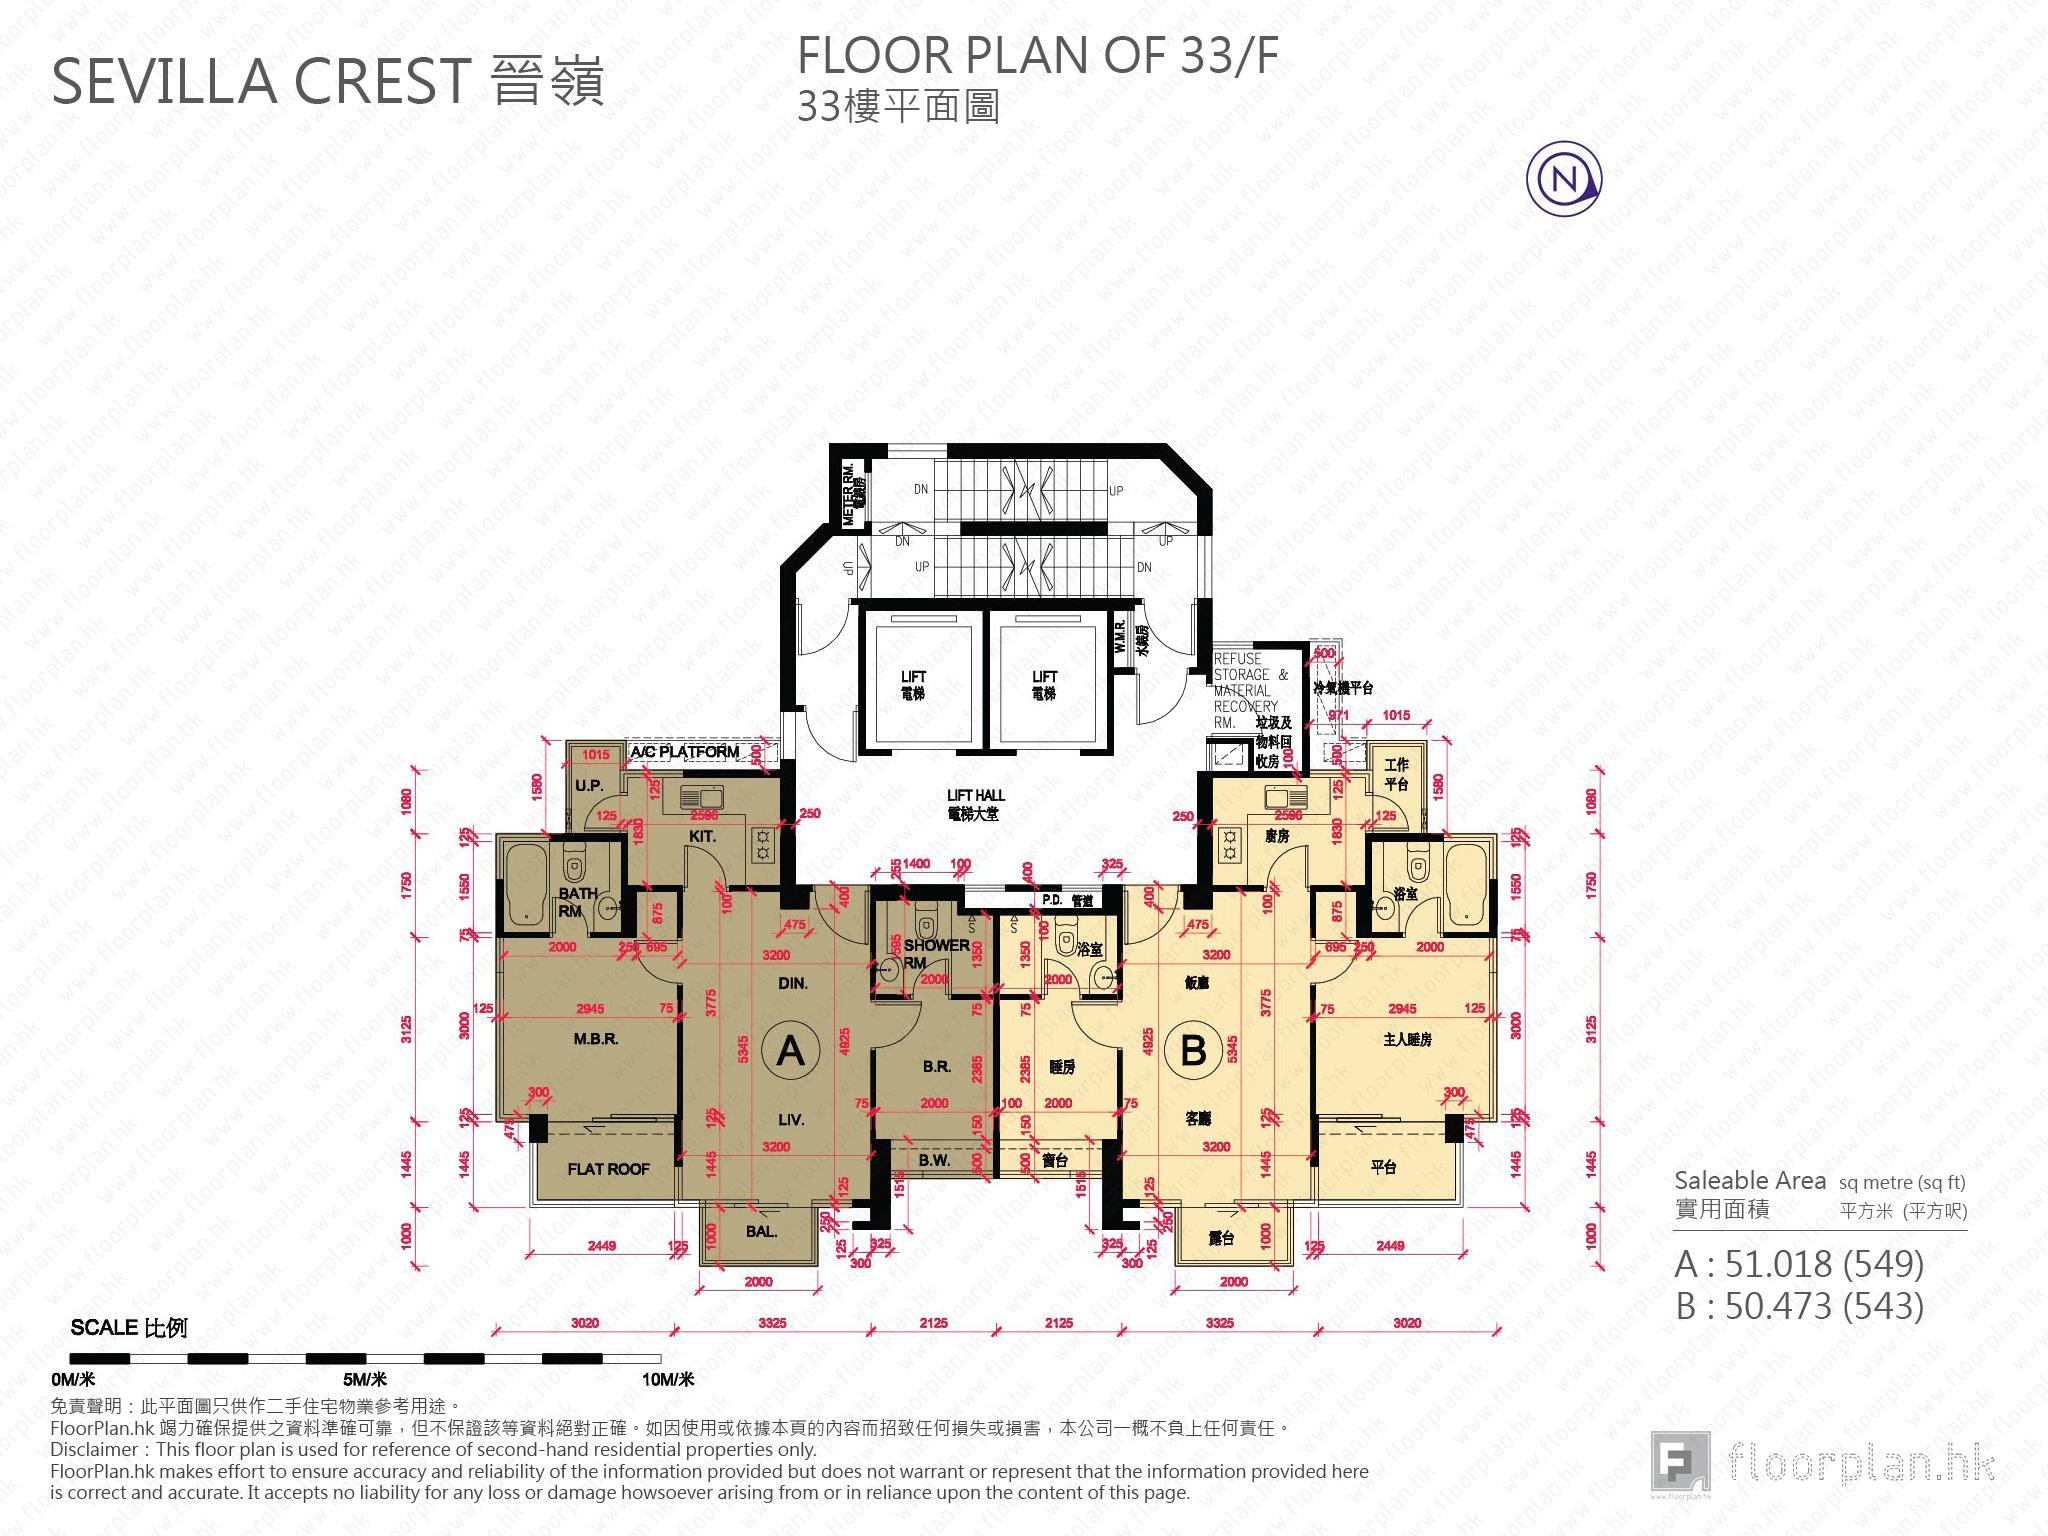 晉嶺 平面圖 Floorplan Hk